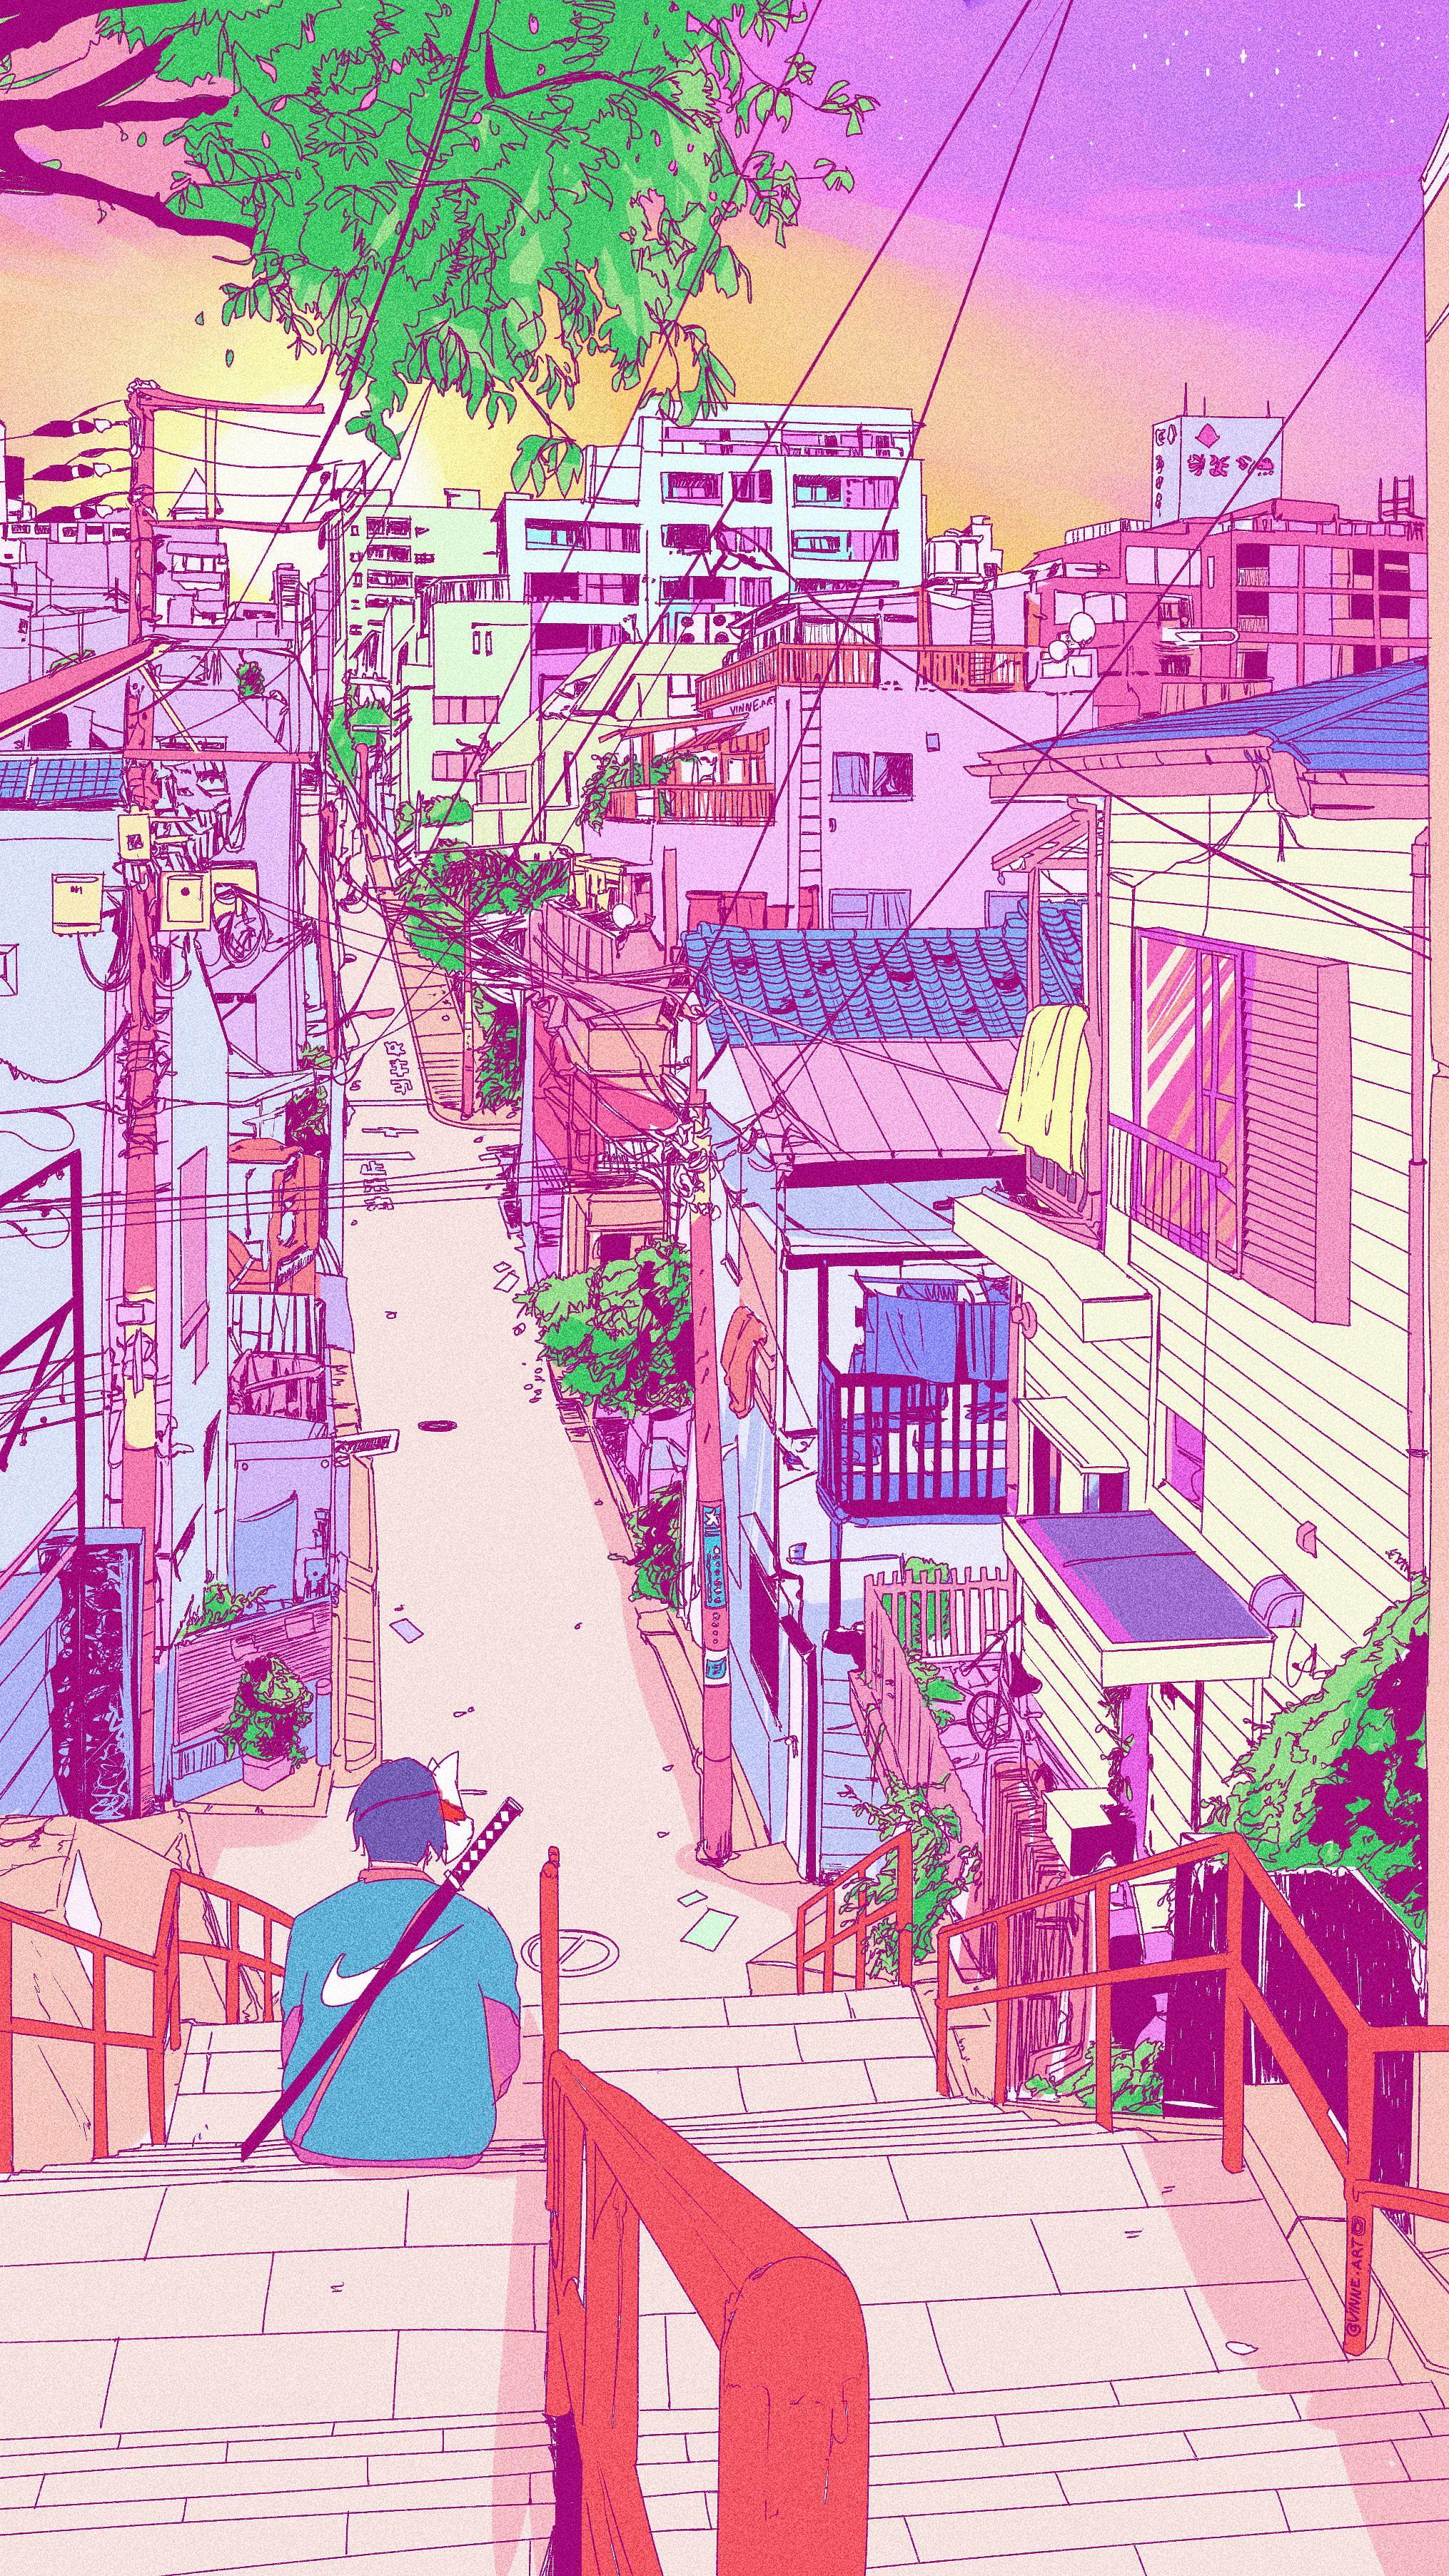 Kimi No Na Wa Your Name Scenery Wallpaper Anime Scenery Wallpaper Aesthetic Wallpapers